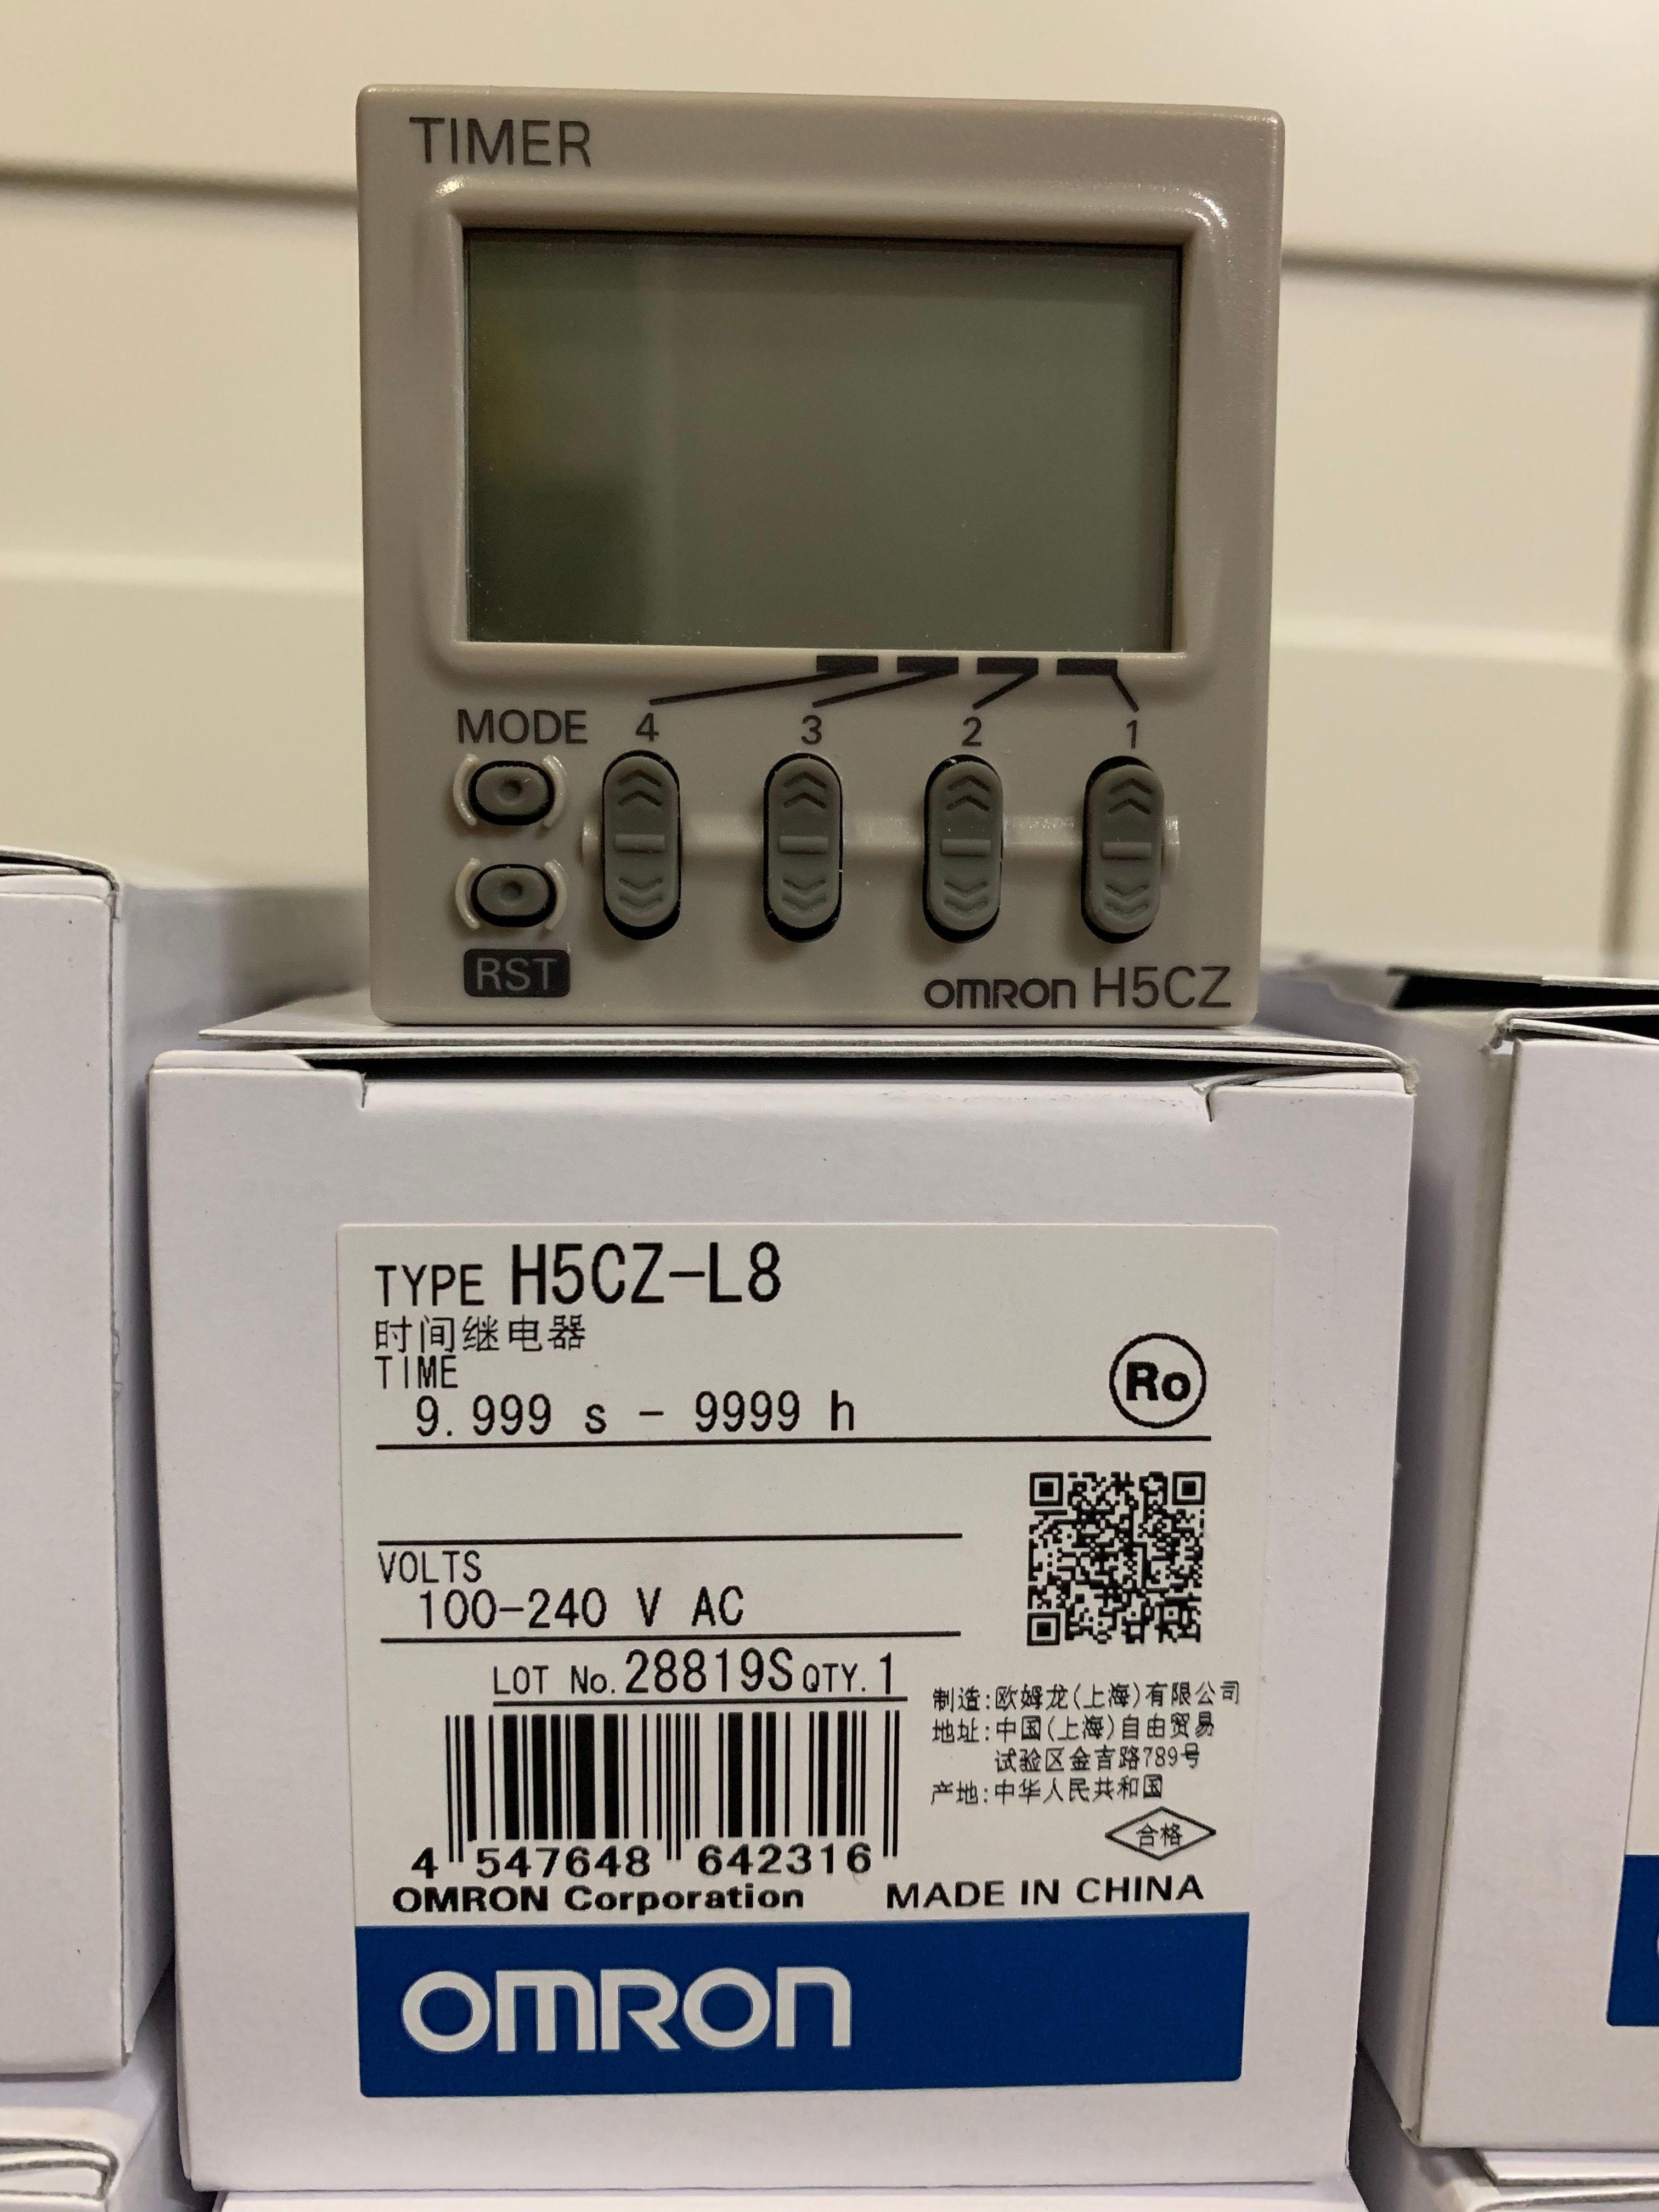 欧姆龙时间继电器H5CZ-L8正规渠道 全新正品 假一罚百